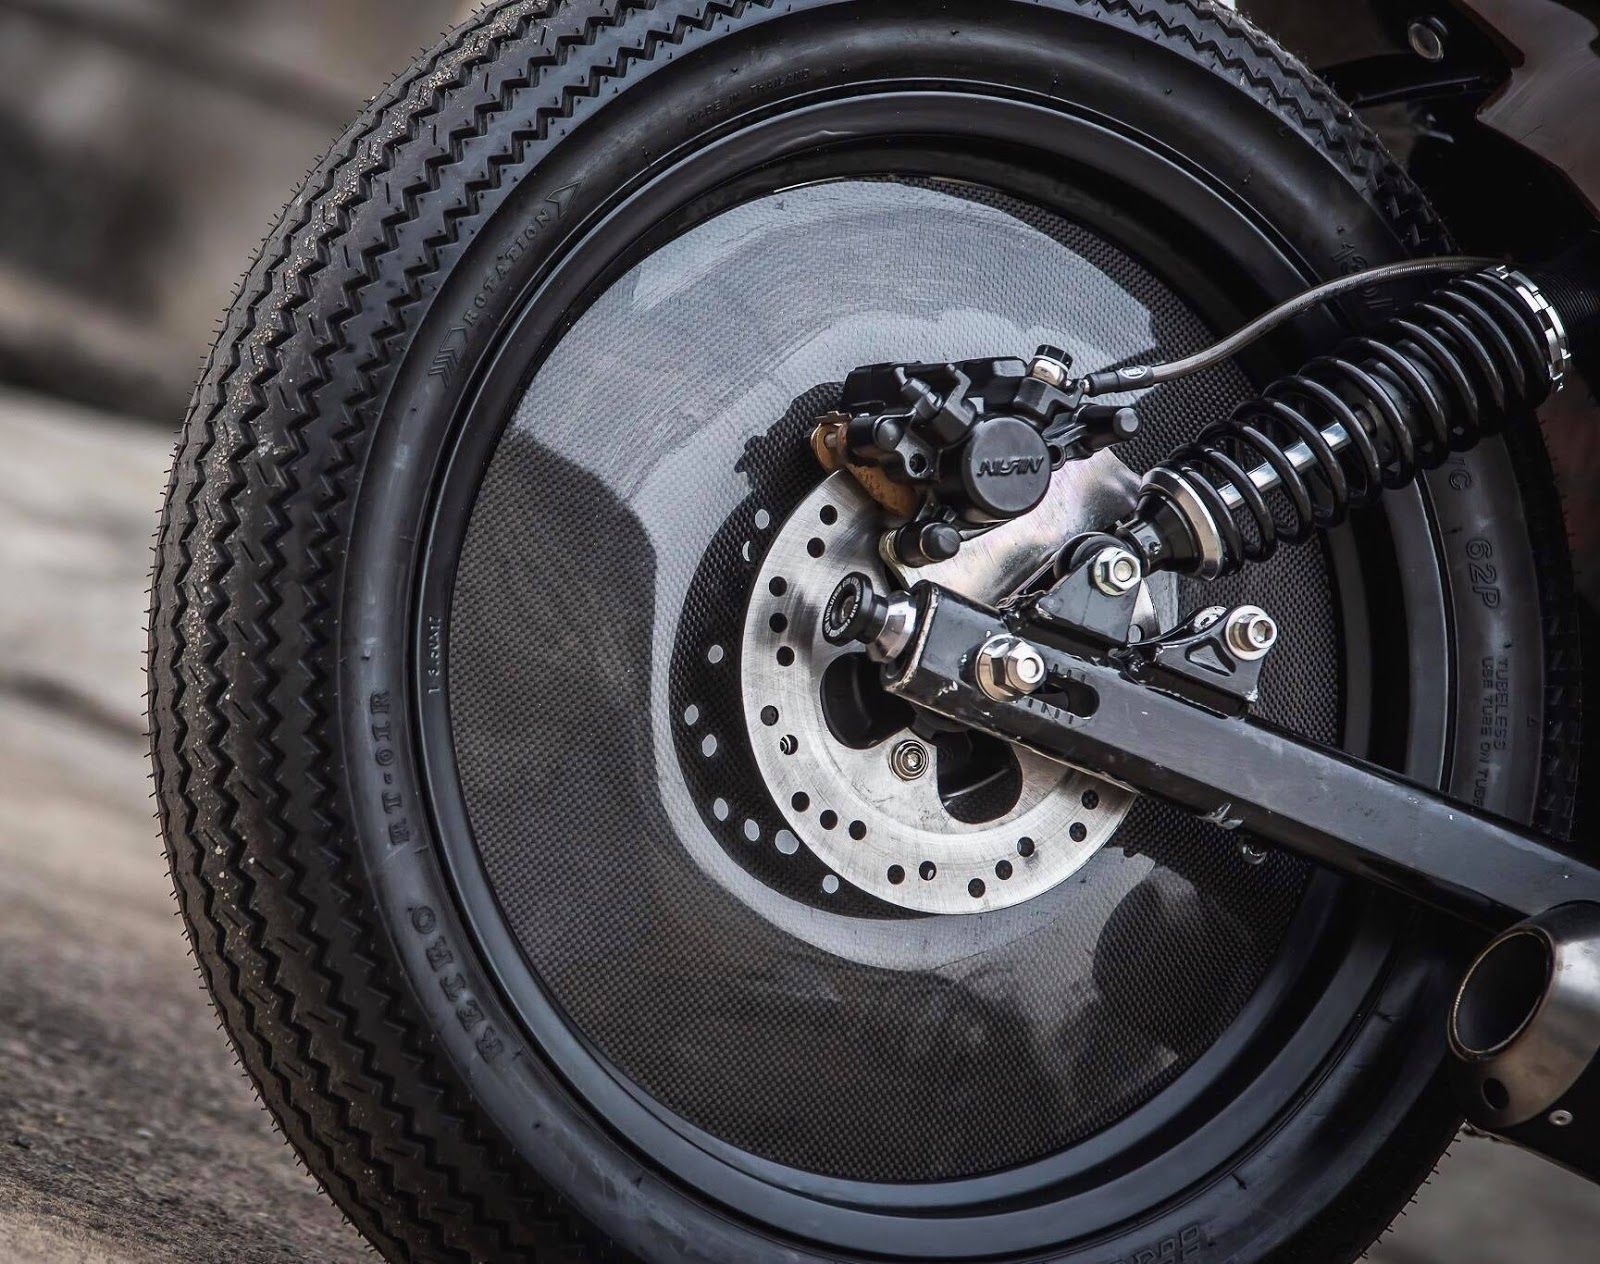 Pin On Motosykletes